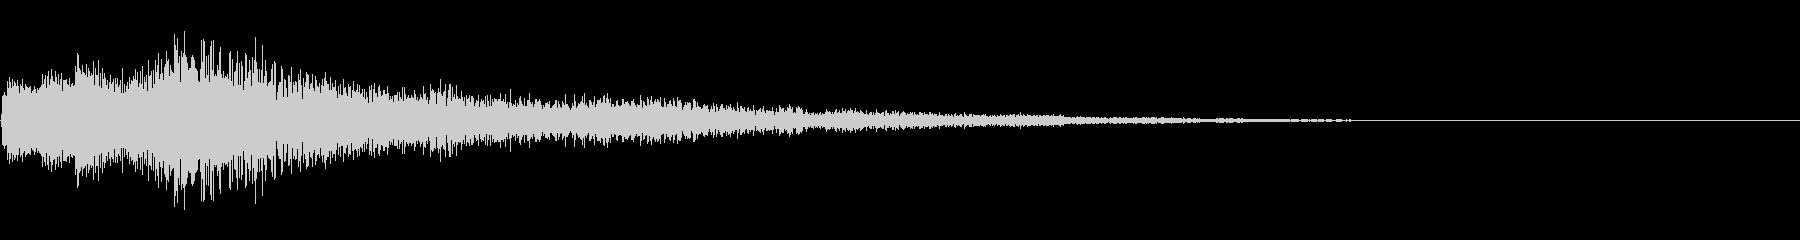 サウンドロゴ/癒し/企業VP/タイトルにの未再生の波形